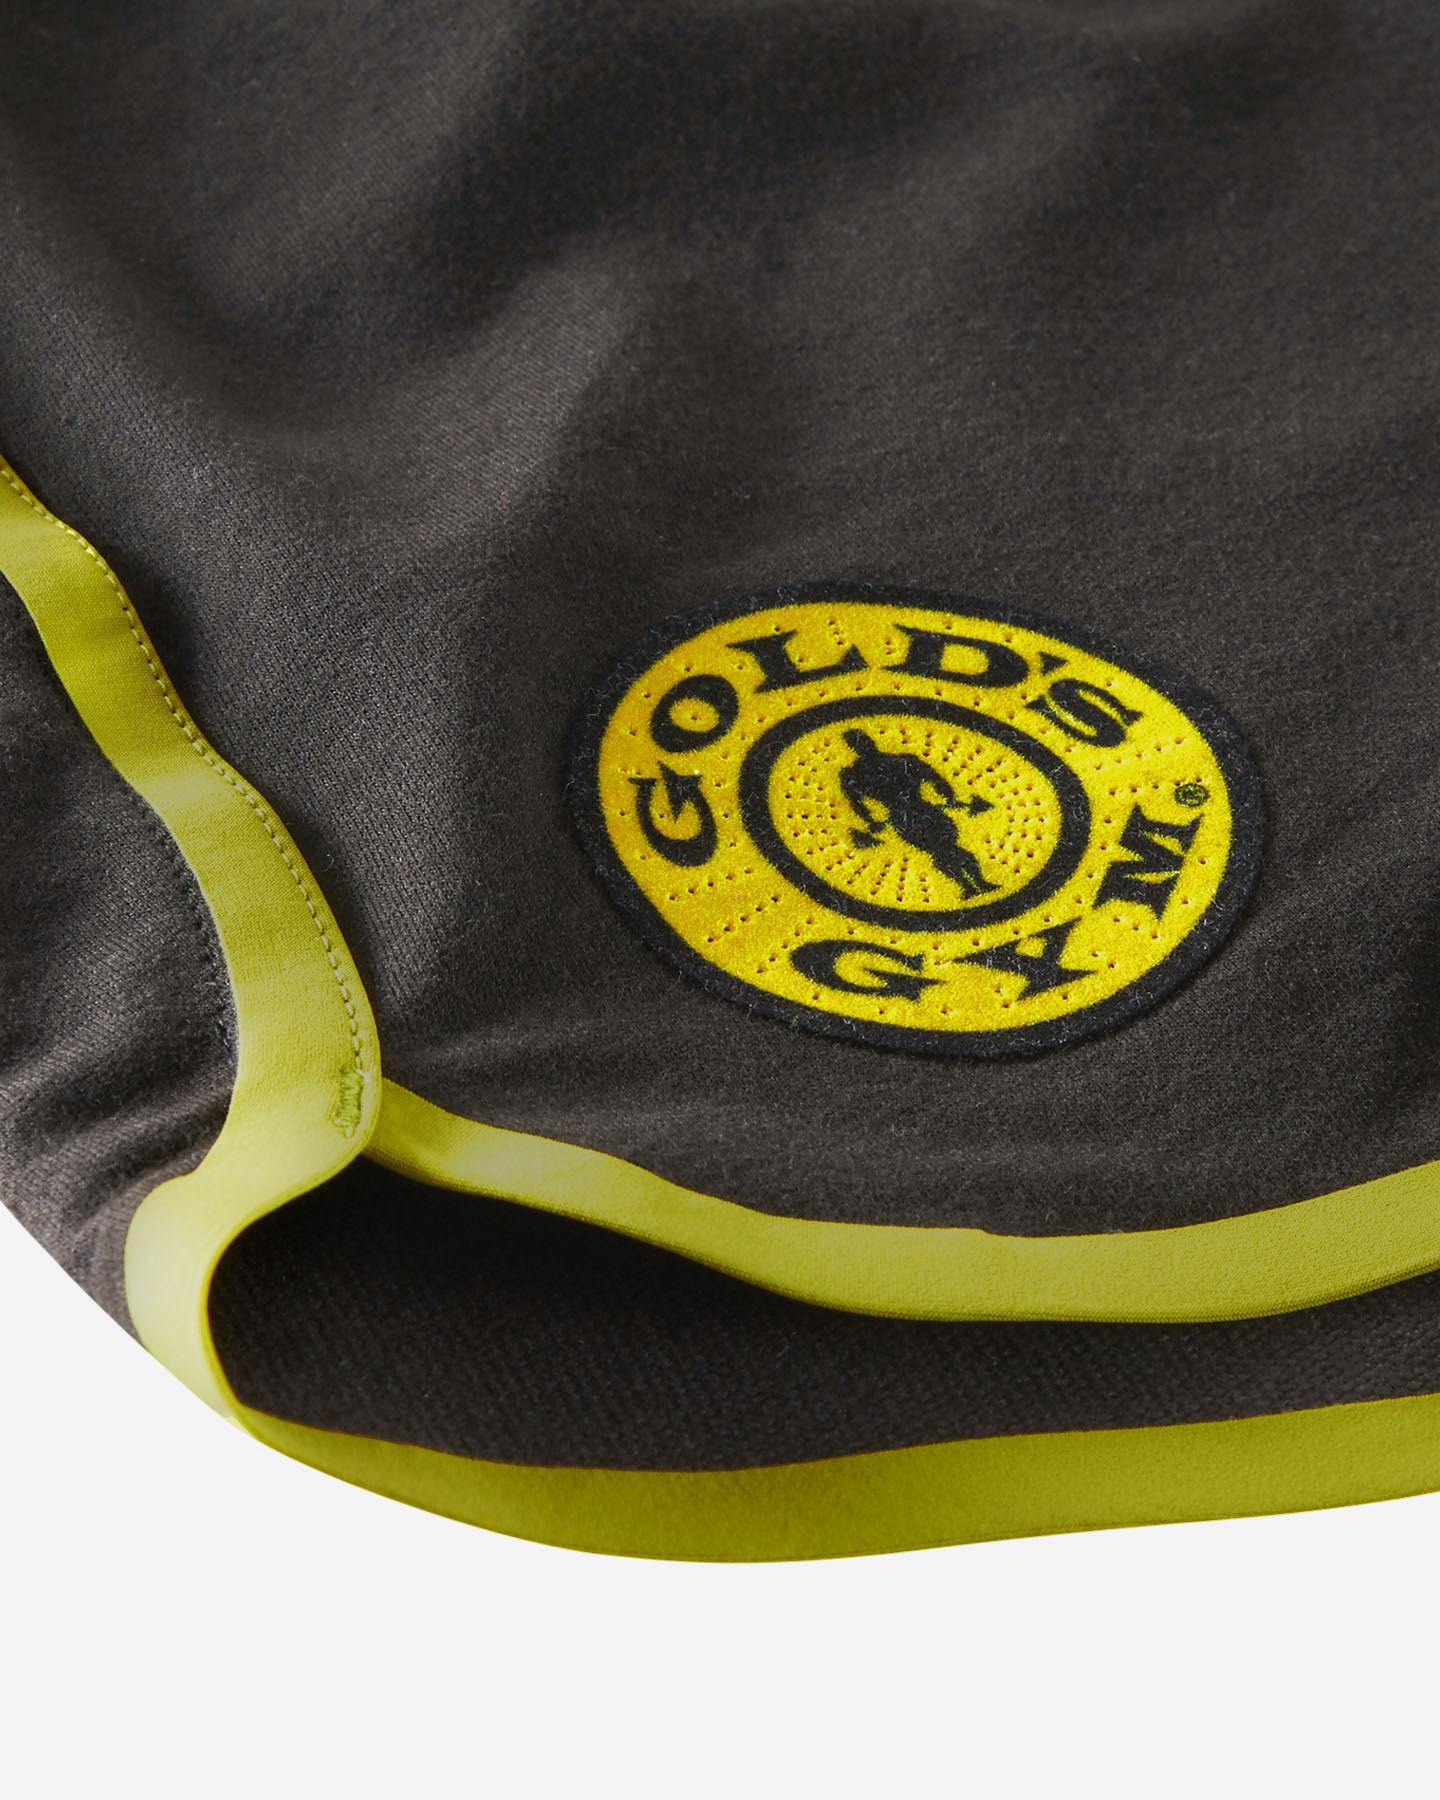 Pantaloncini PUMA GOLD'S GYM W S5192866 scatto 2